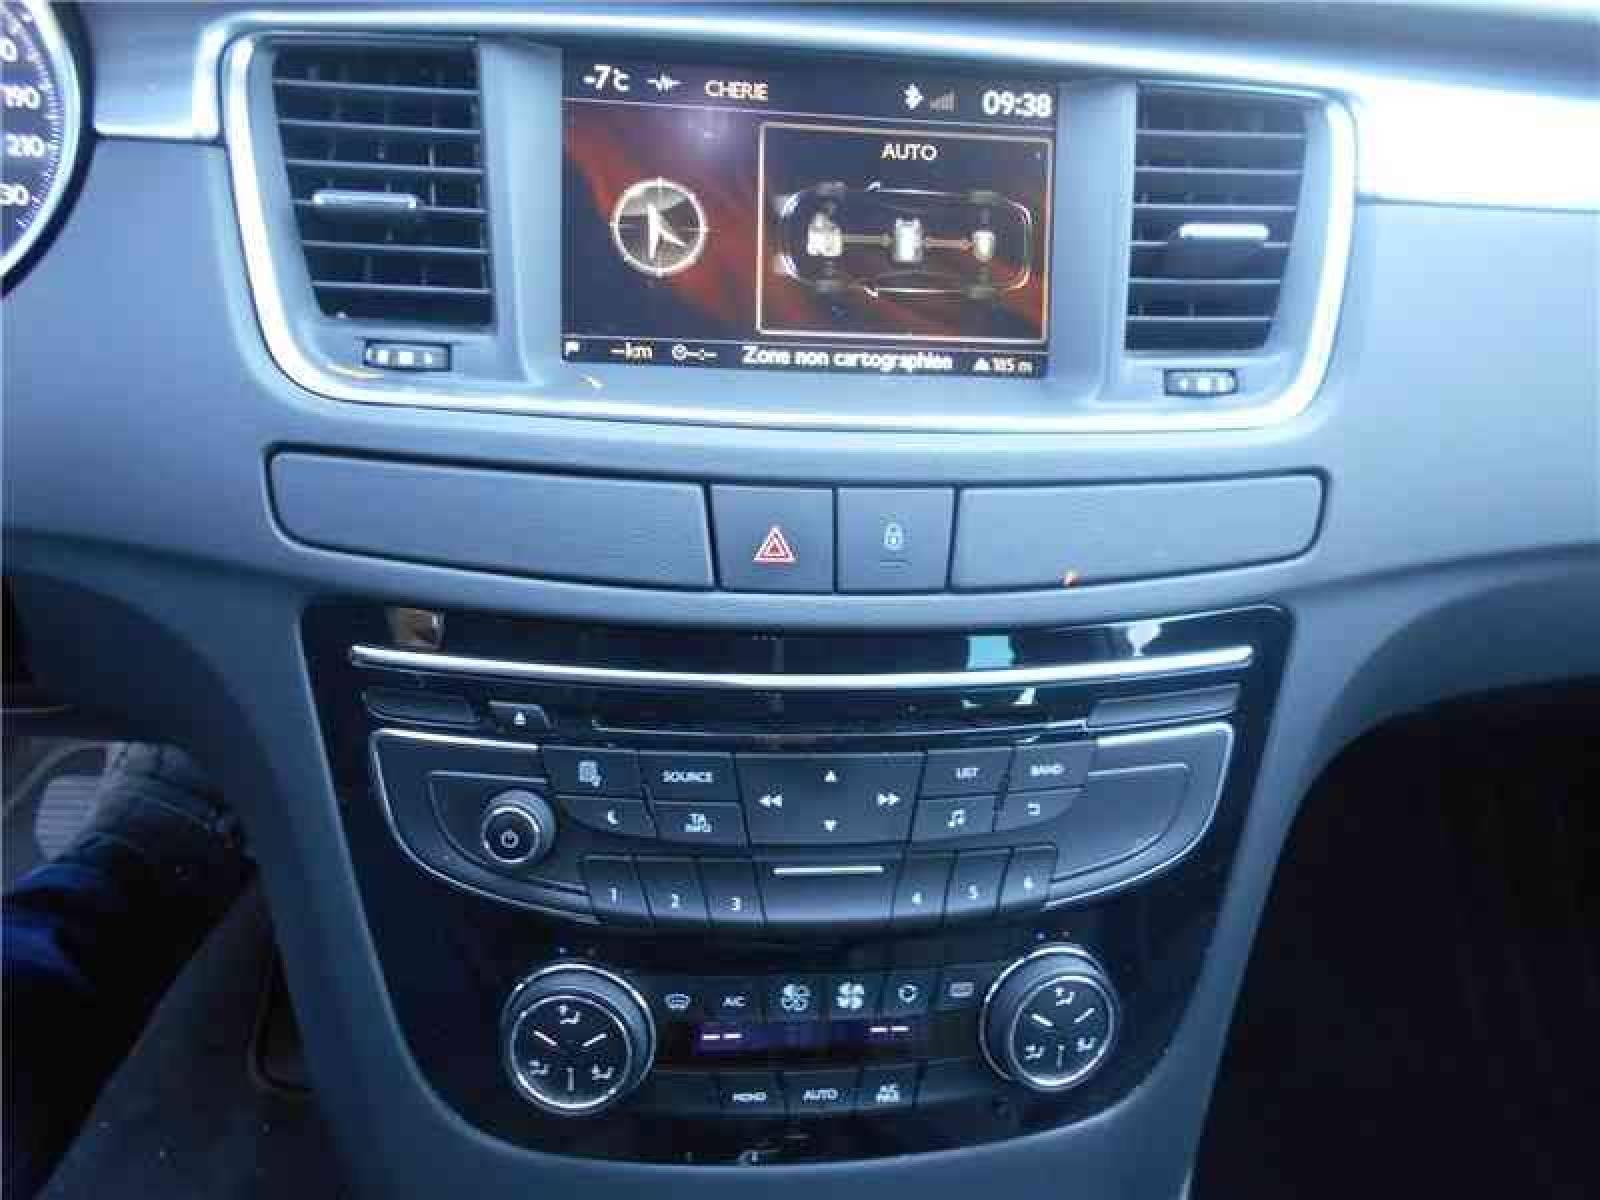 PEUGEOT 508 RXH 2.0 HDi 163ch ETG6 + Electric 37ch - véhicule d'occasion - Groupe Guillet - Chalon Automobiles - 71100 - Chalon-sur-Saône - 12